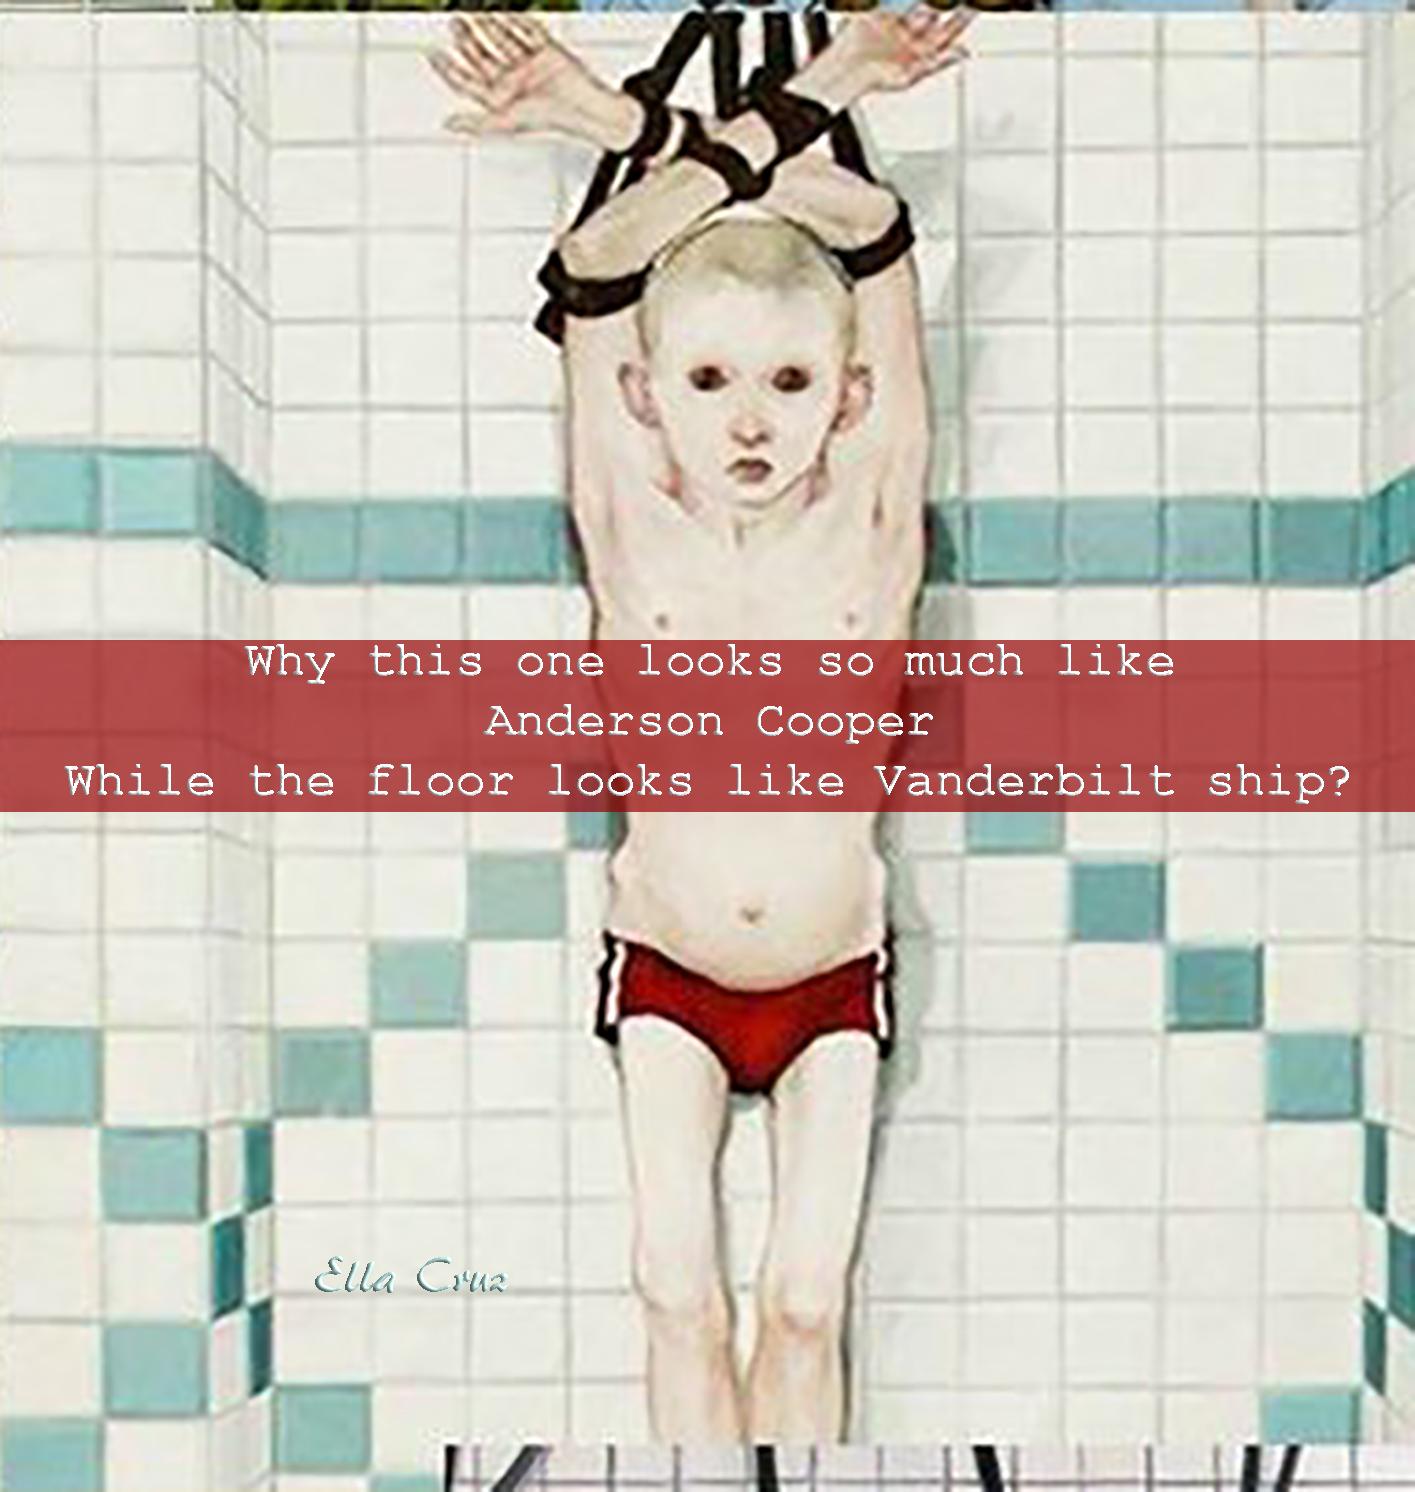 Anderson Cooper?